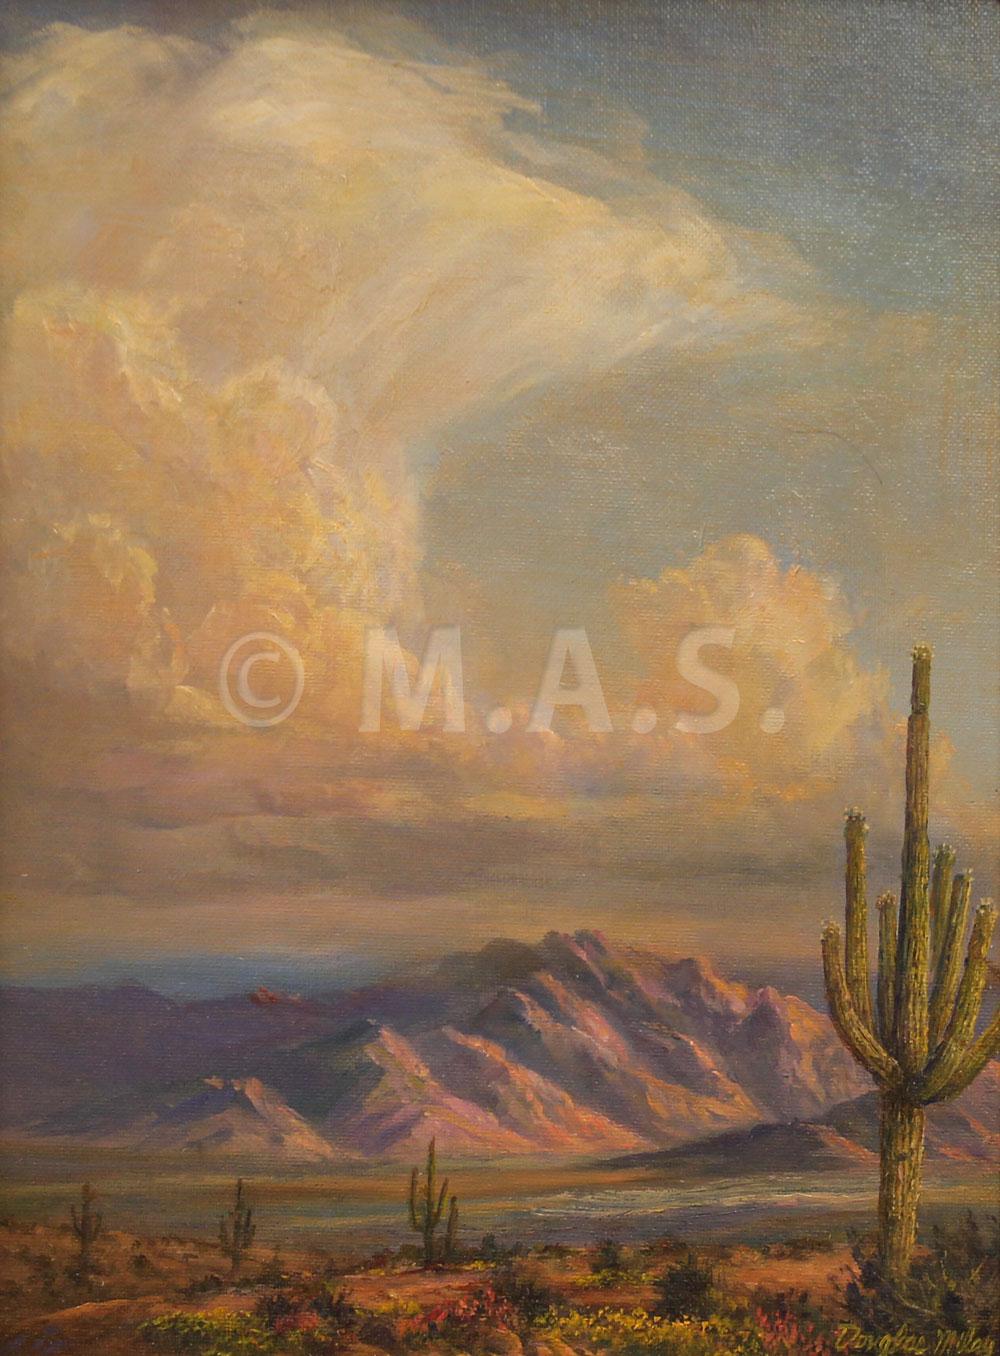 Scenic Arizona